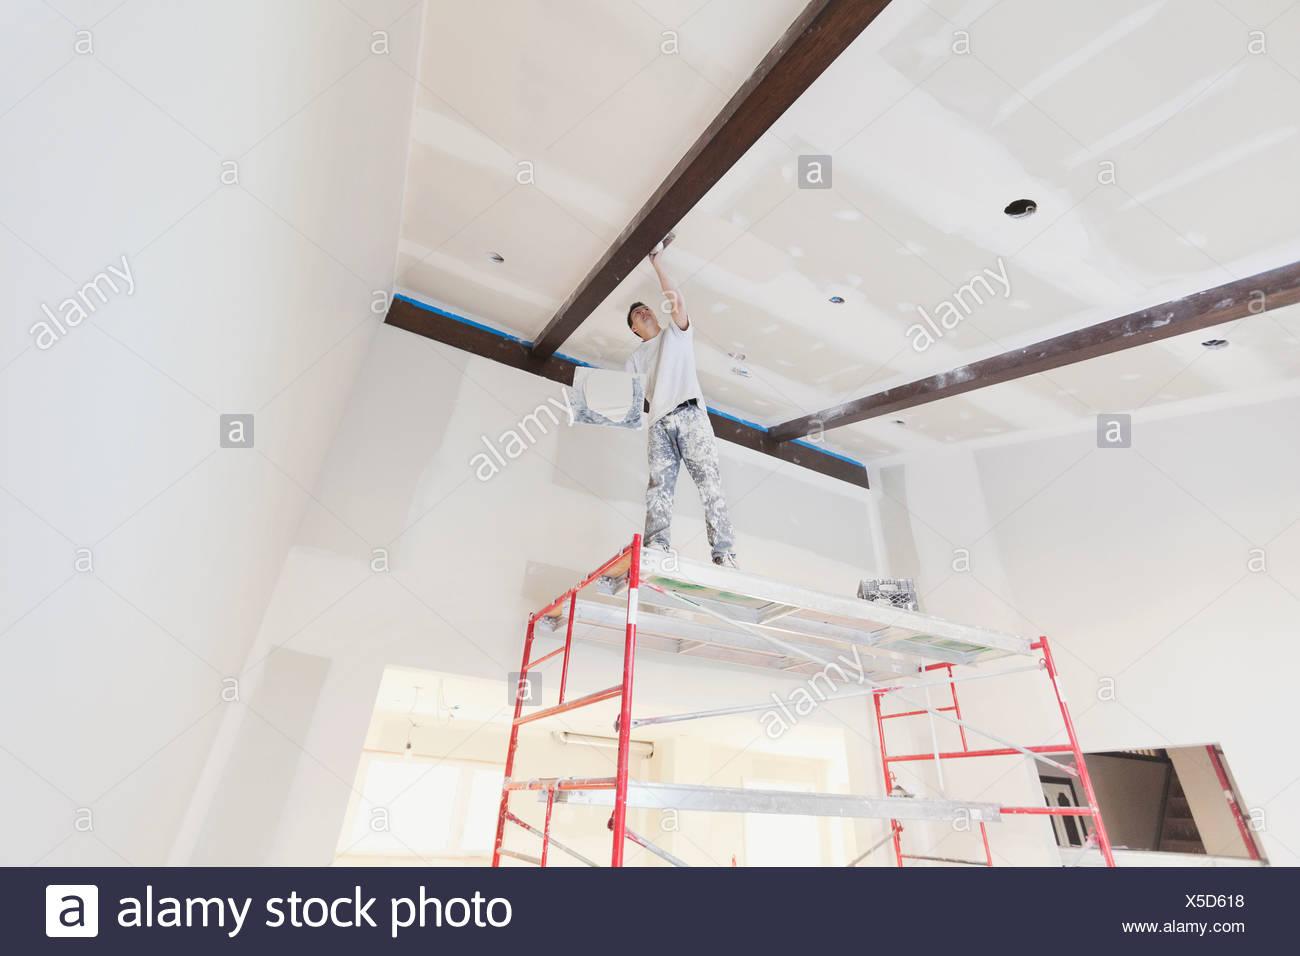 Basso angolo di vista tradesman intonacatura muro a secco in casa Immagini Stock